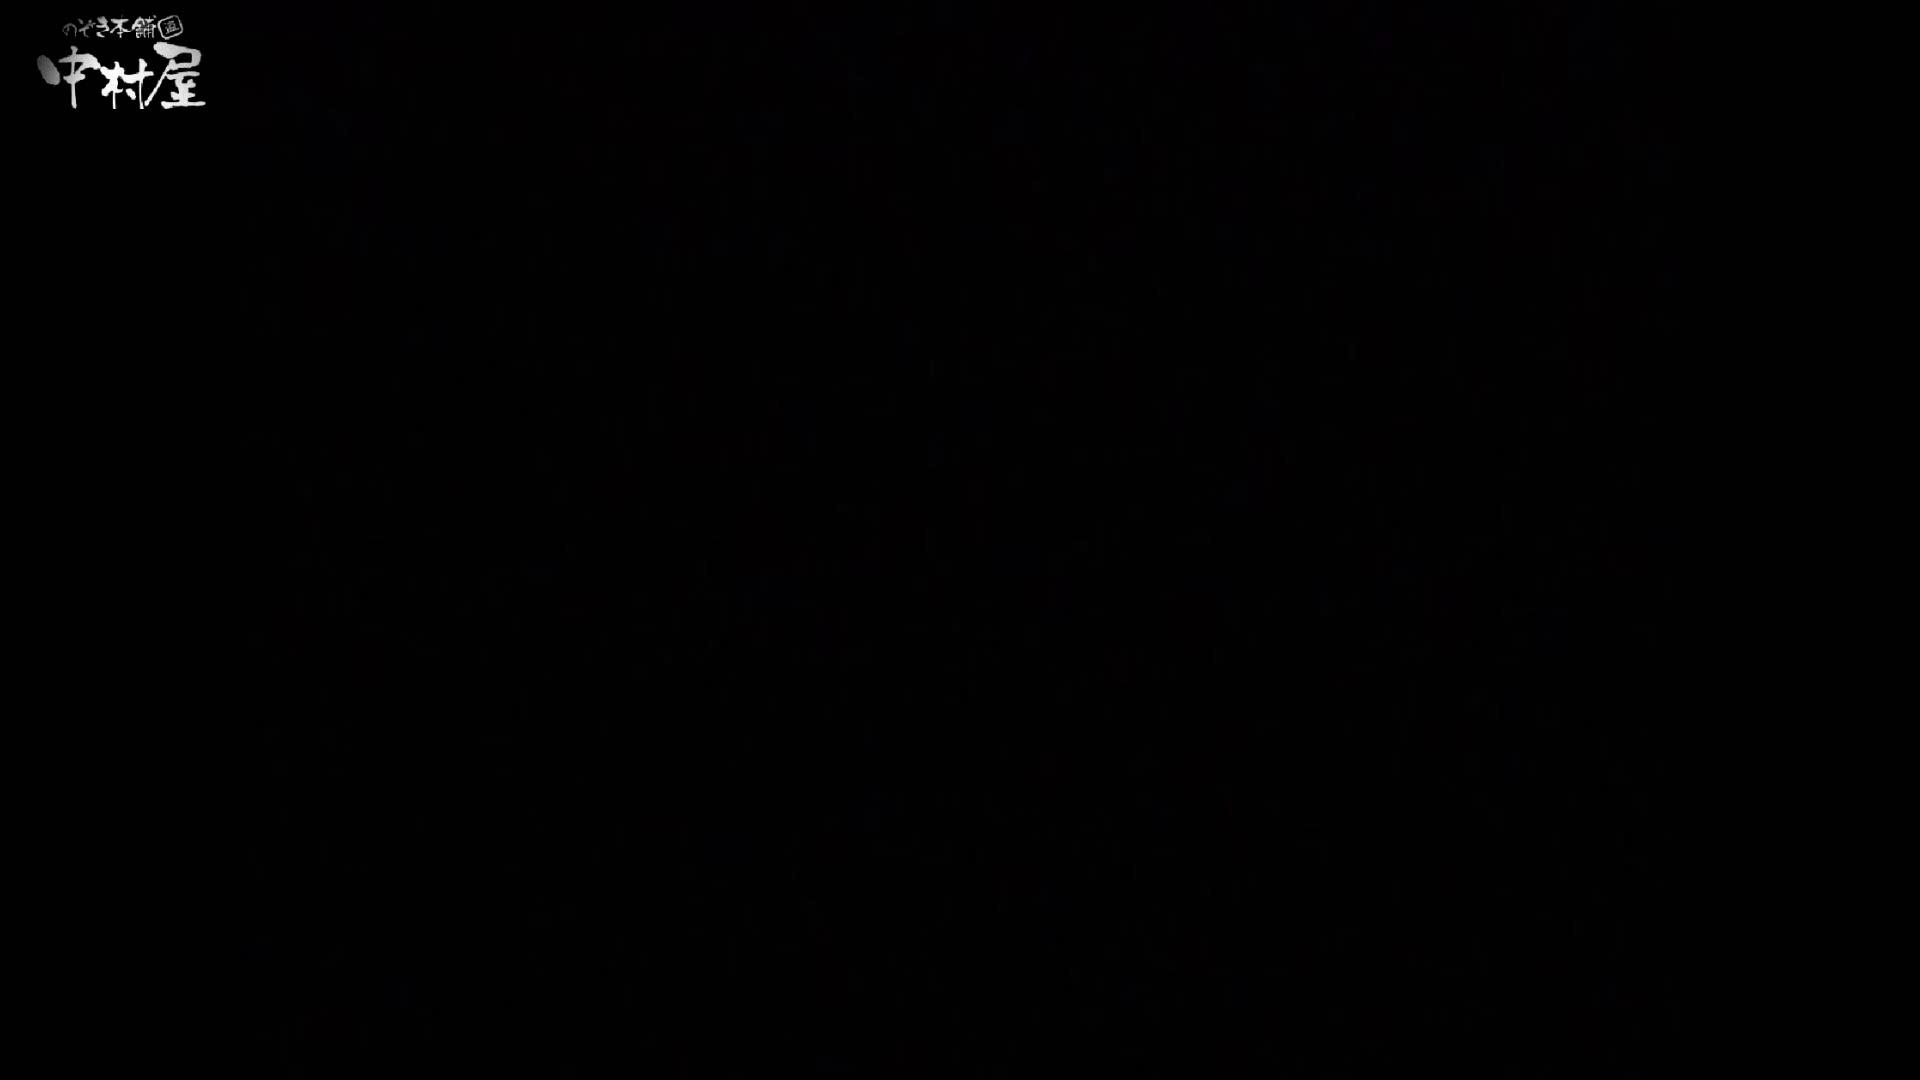 民家風呂専門盗撮師の超危険映像 vol.016 OLのエロ生活 隠し撮りオマンコ動画紹介 72連発 20